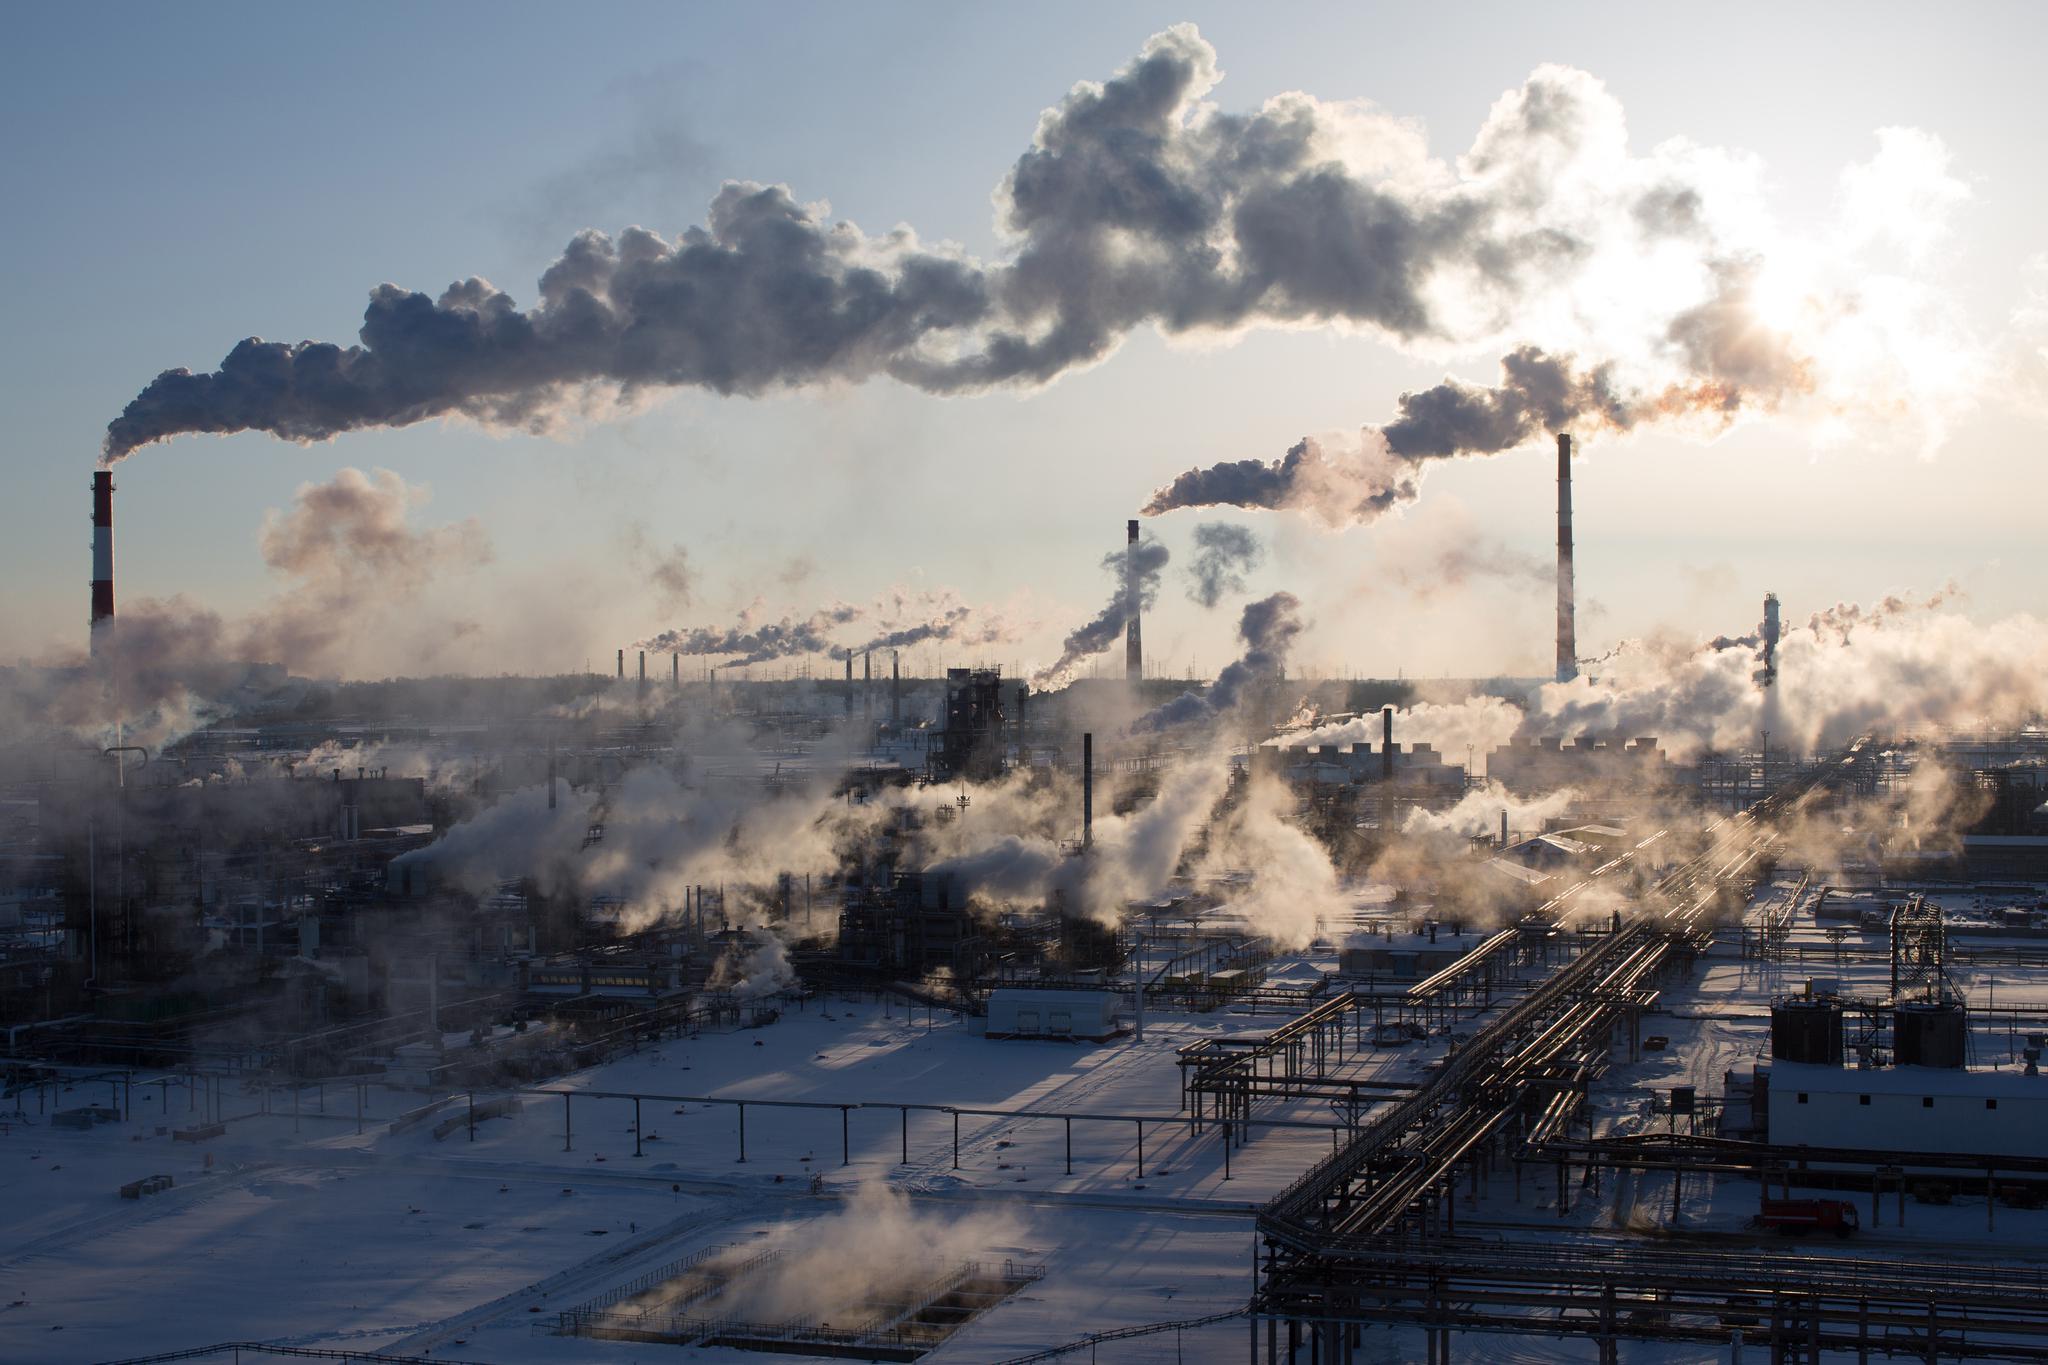 Chimneys emit vapor at Russia's Novokuybyshevsk oil refinery plant.